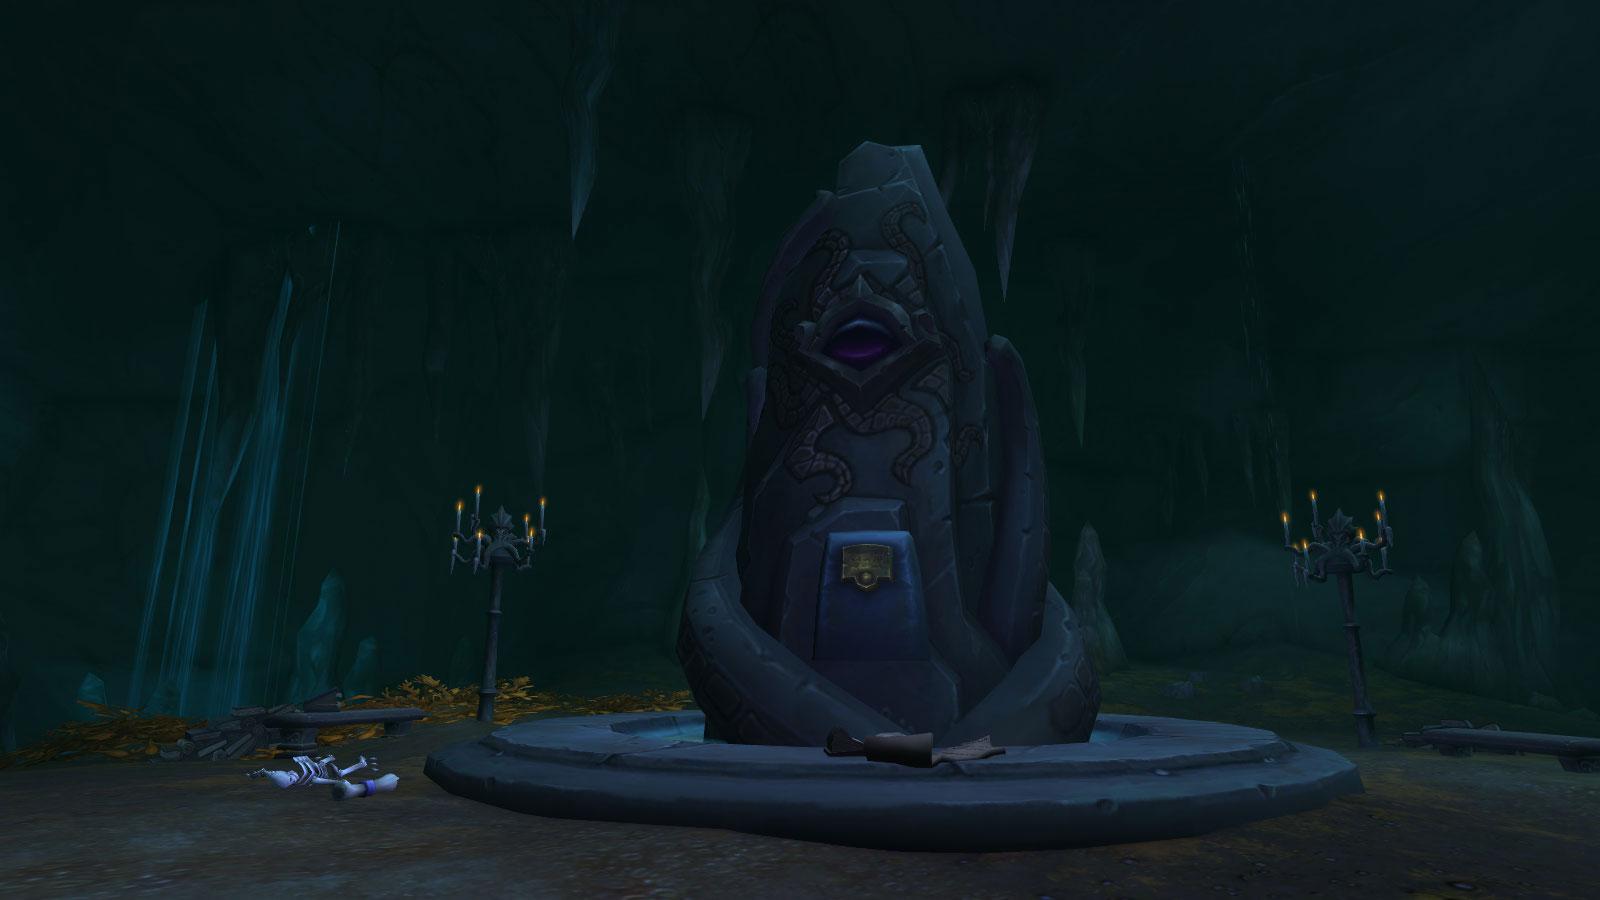 Retournez à l'autel menaçant dans la grotte sous-marine